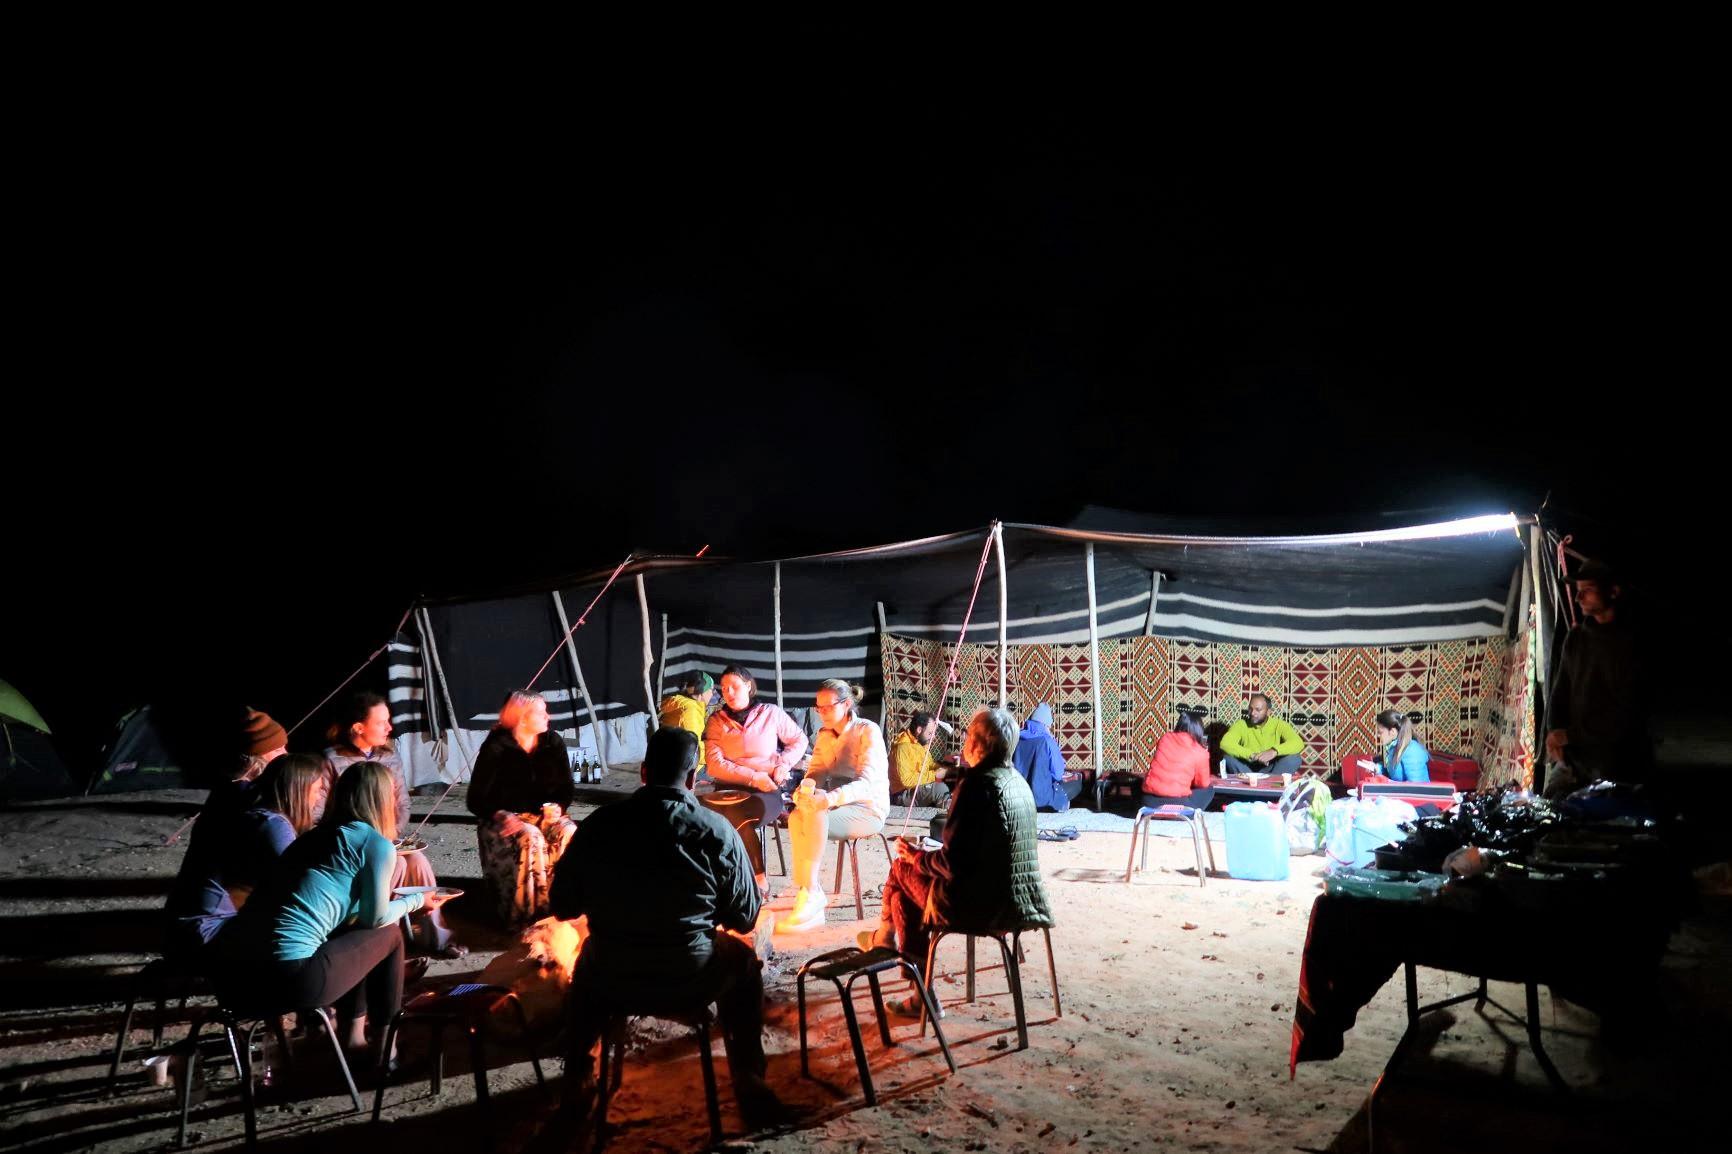 焚火を囲んでの楽しいキャンプ(4日目)